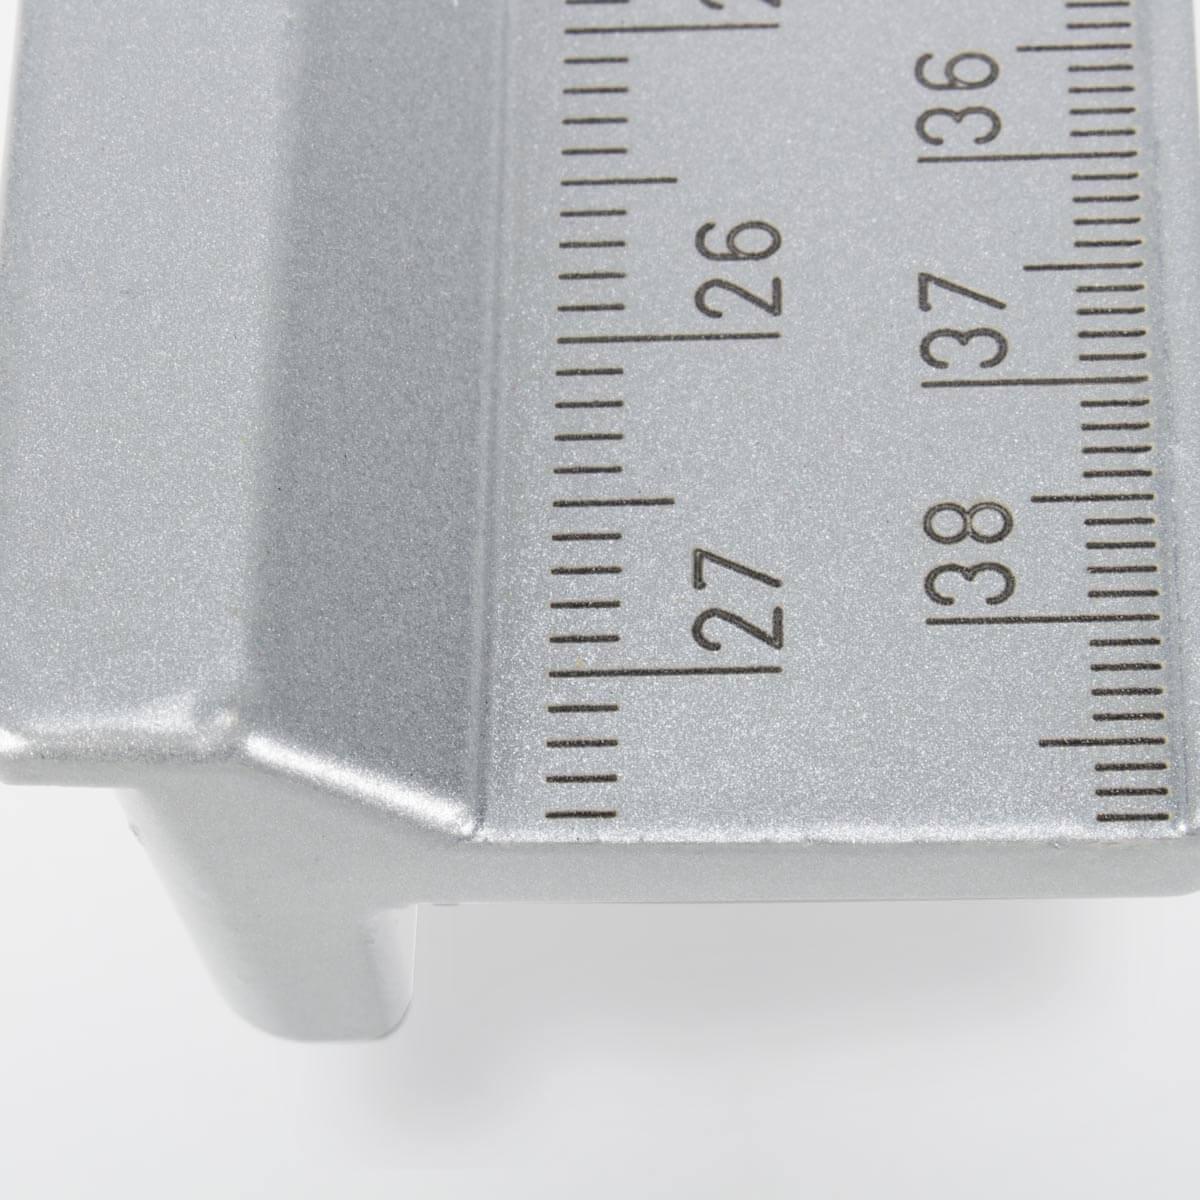 Rubi TP-S tile Cutter ruler guide